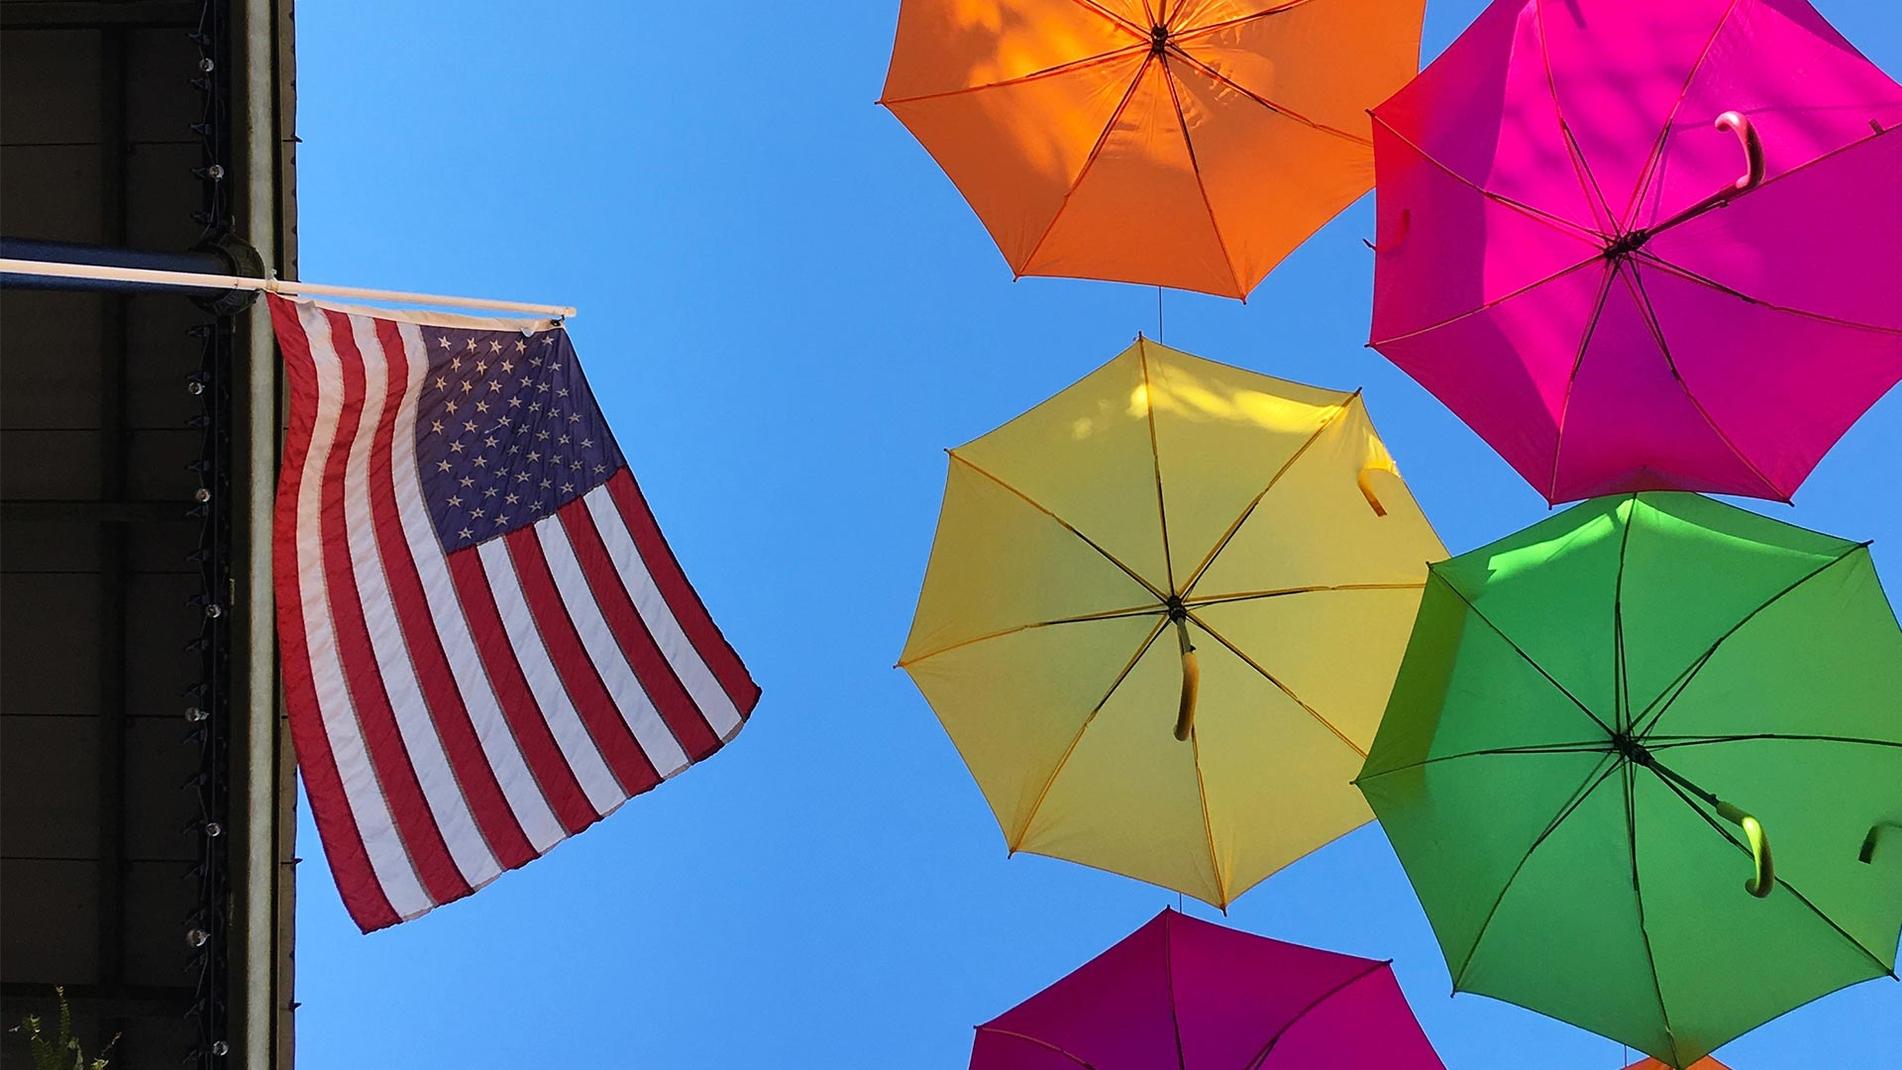 Umbrella Sky Project - Pensacola'17